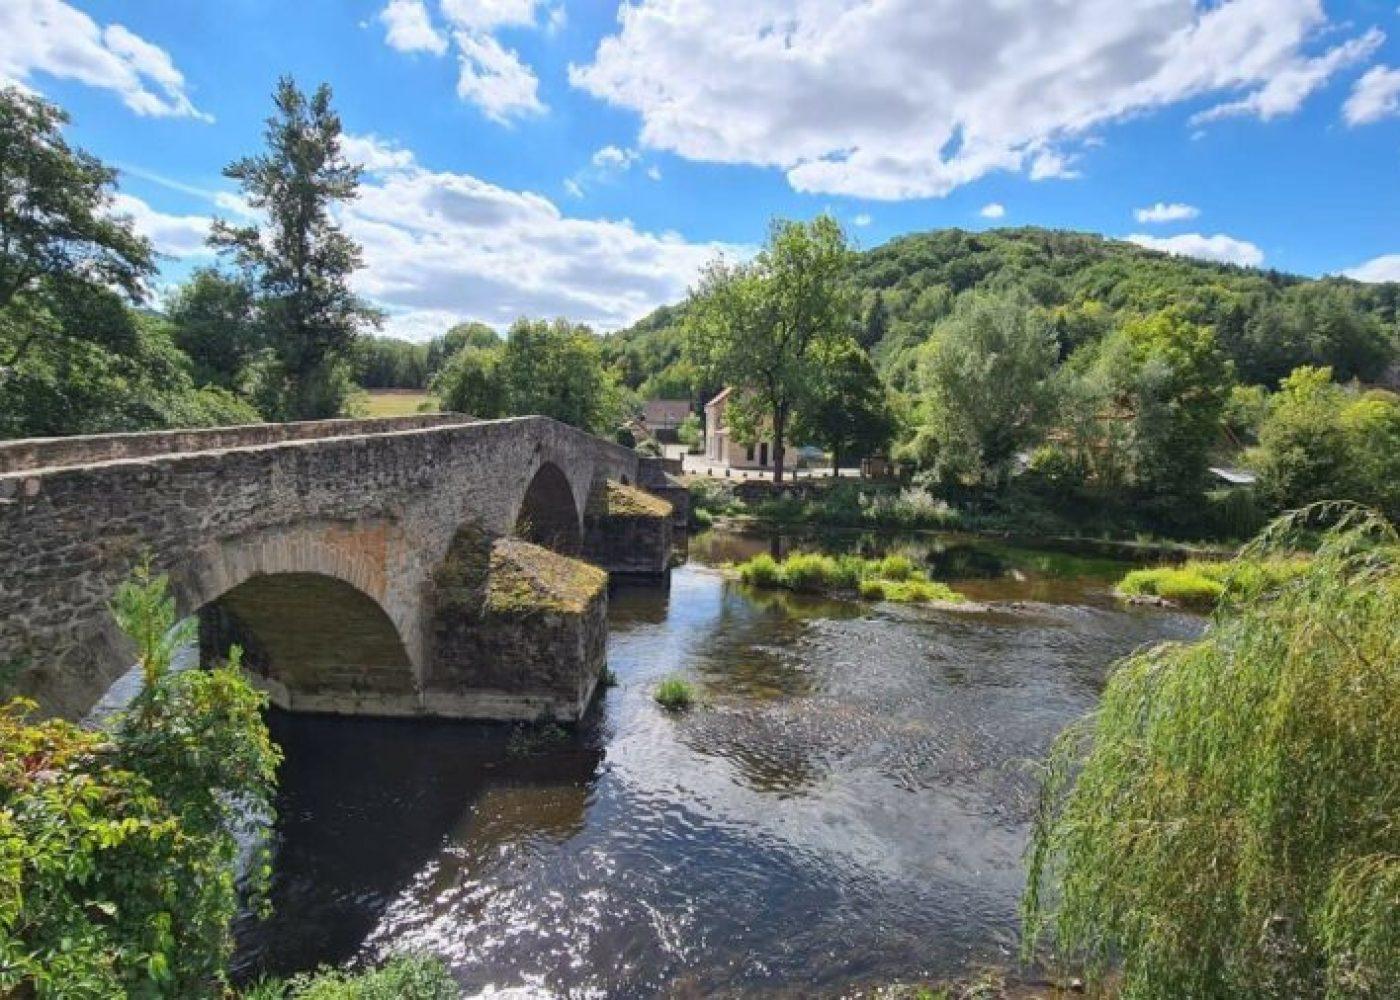 Pont-de-Menat